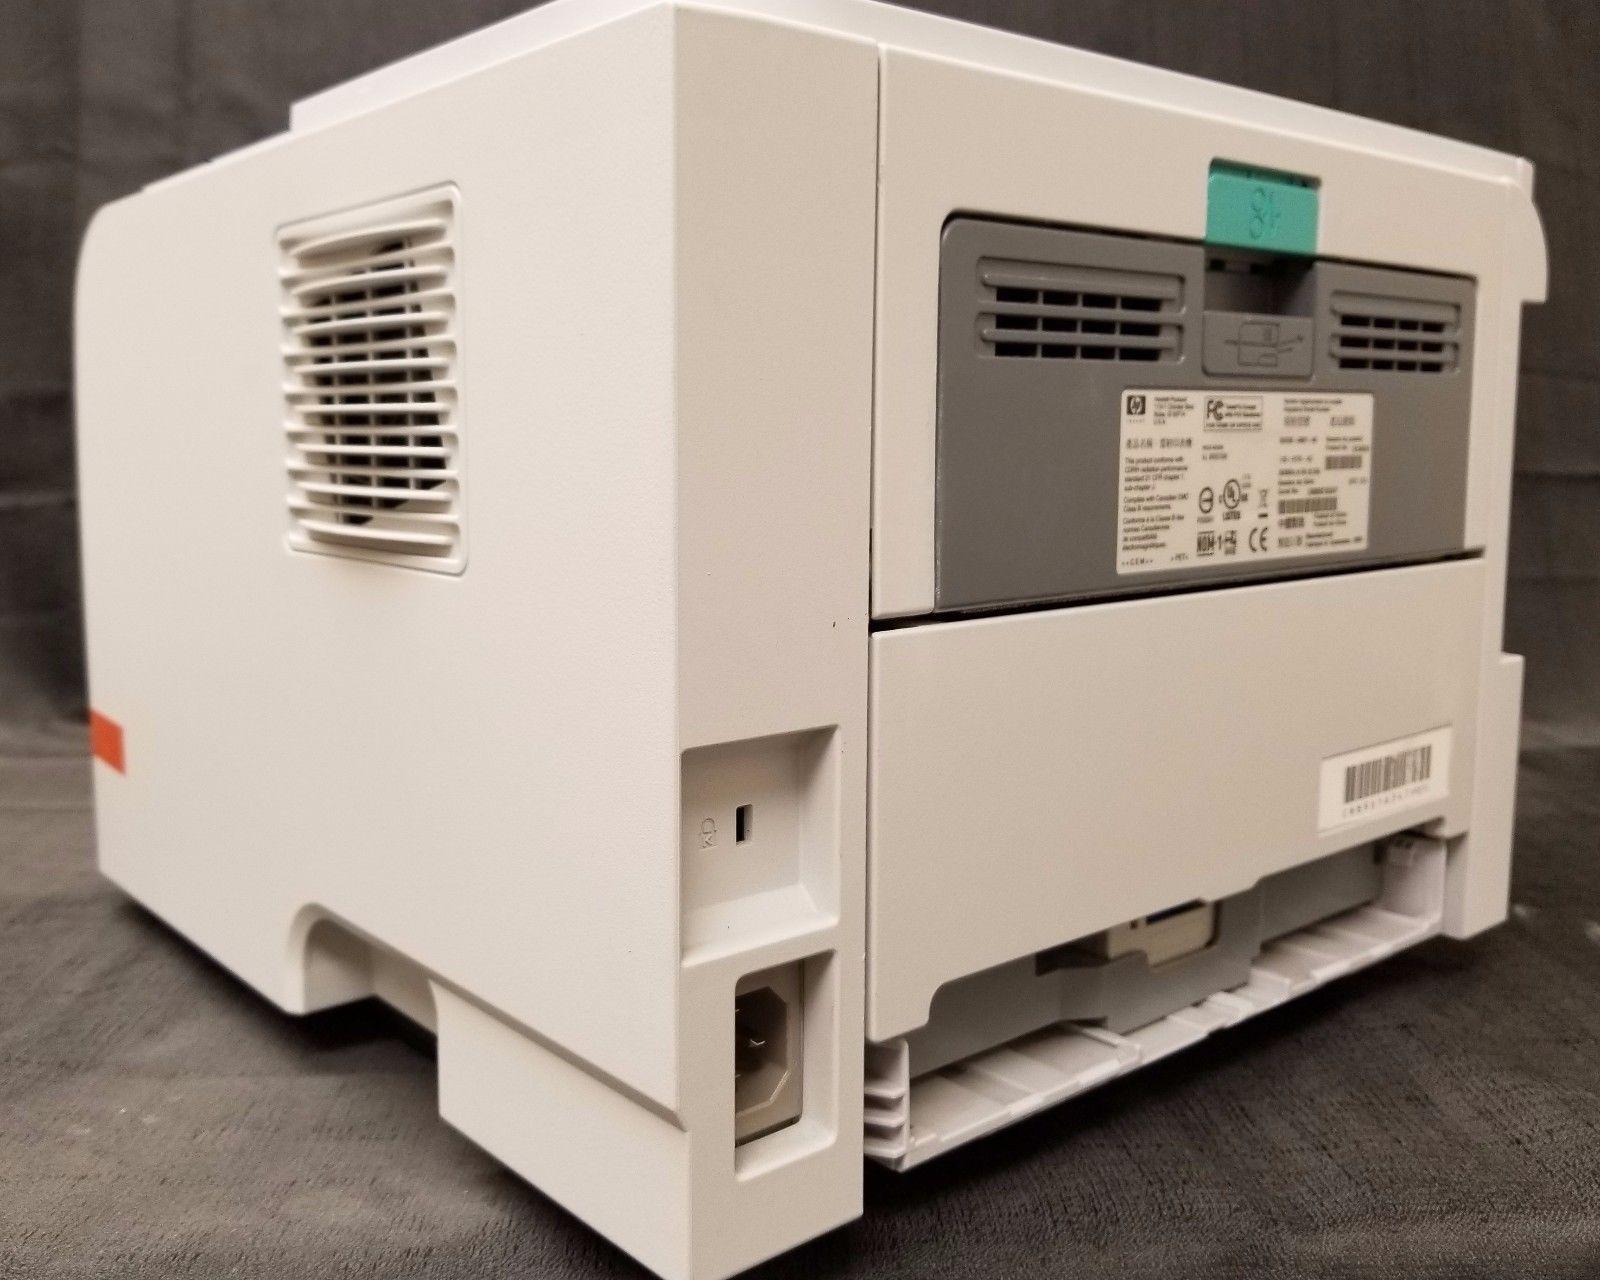 RF5-3114-000-NEW Hewlett-Packard HP 4100 Feed Roller,pick up roller